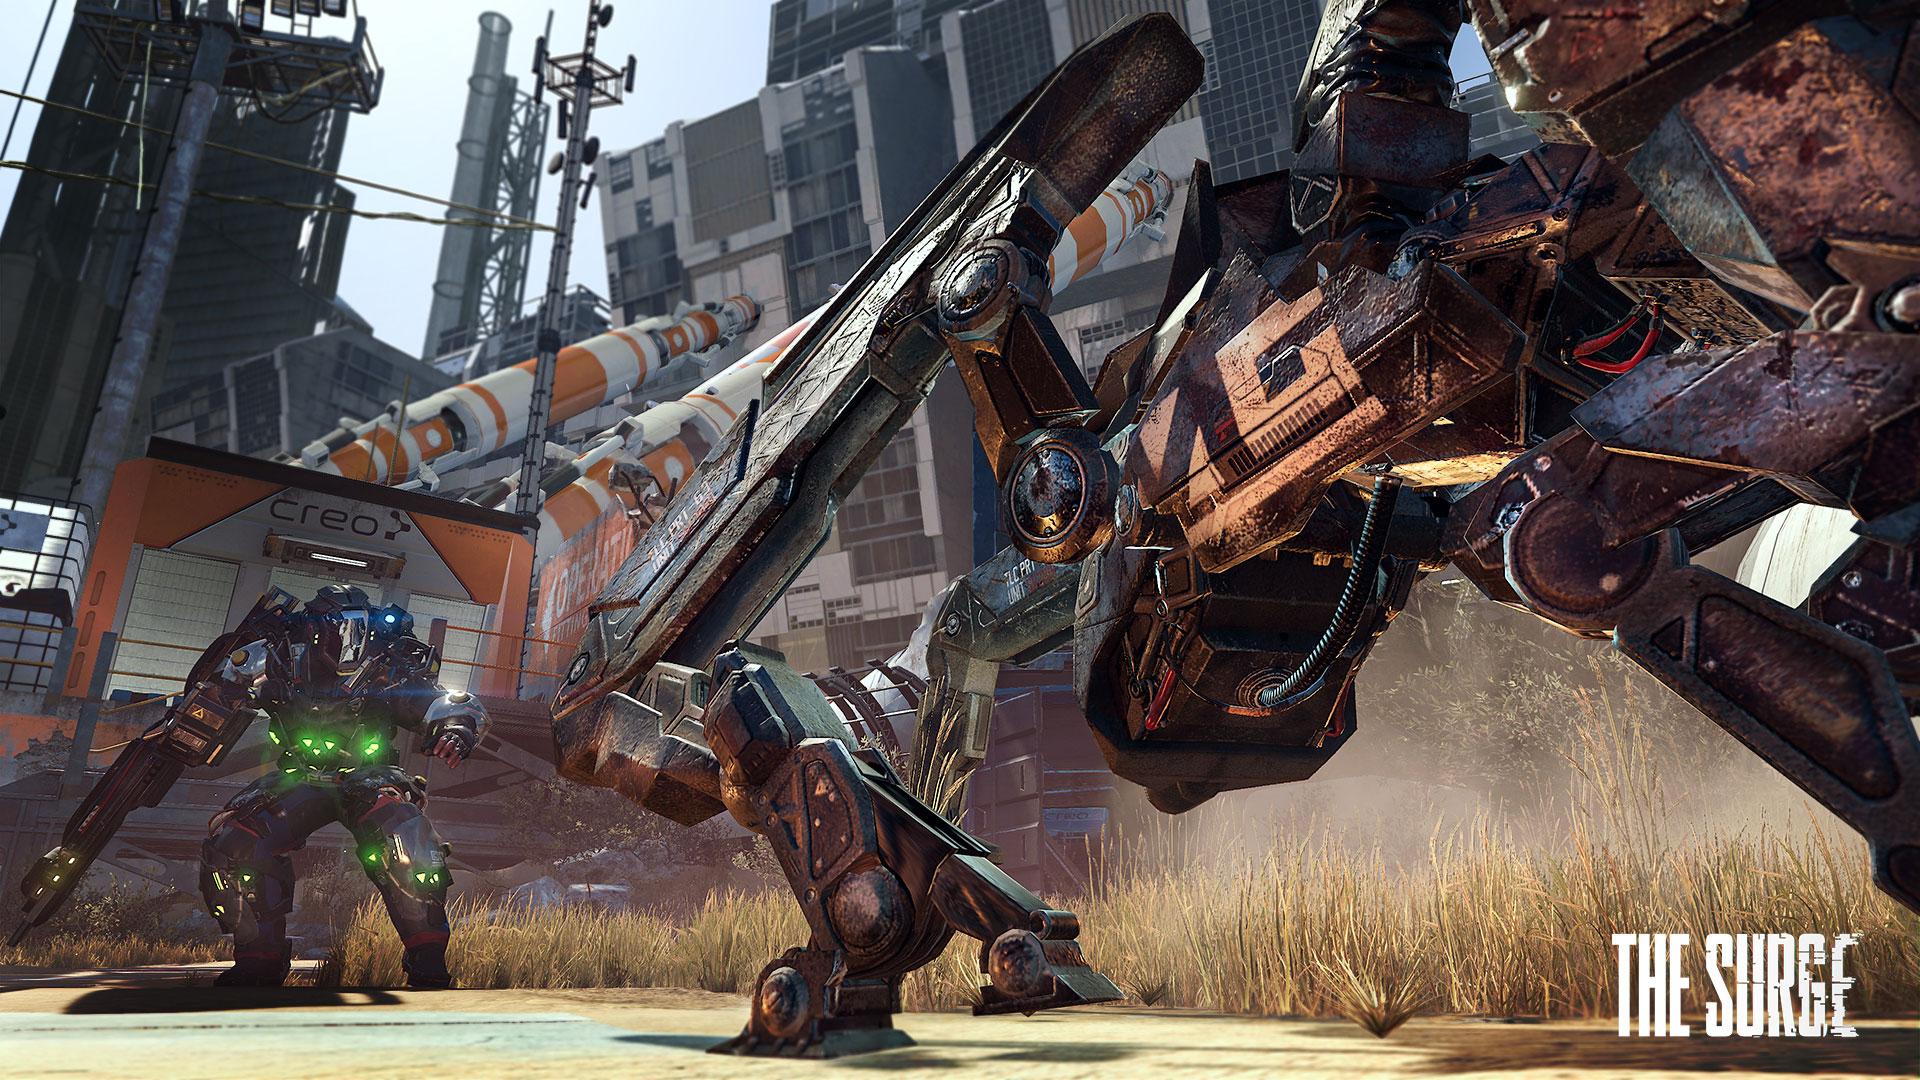 """Futuristische Roboter- und Zombie-Action auf den Spuren von """"Dark Souls"""": """"The Surge"""" vom deutschen Entwickler Deck13 gehört im April zum PlayStation-Plus-Programm."""